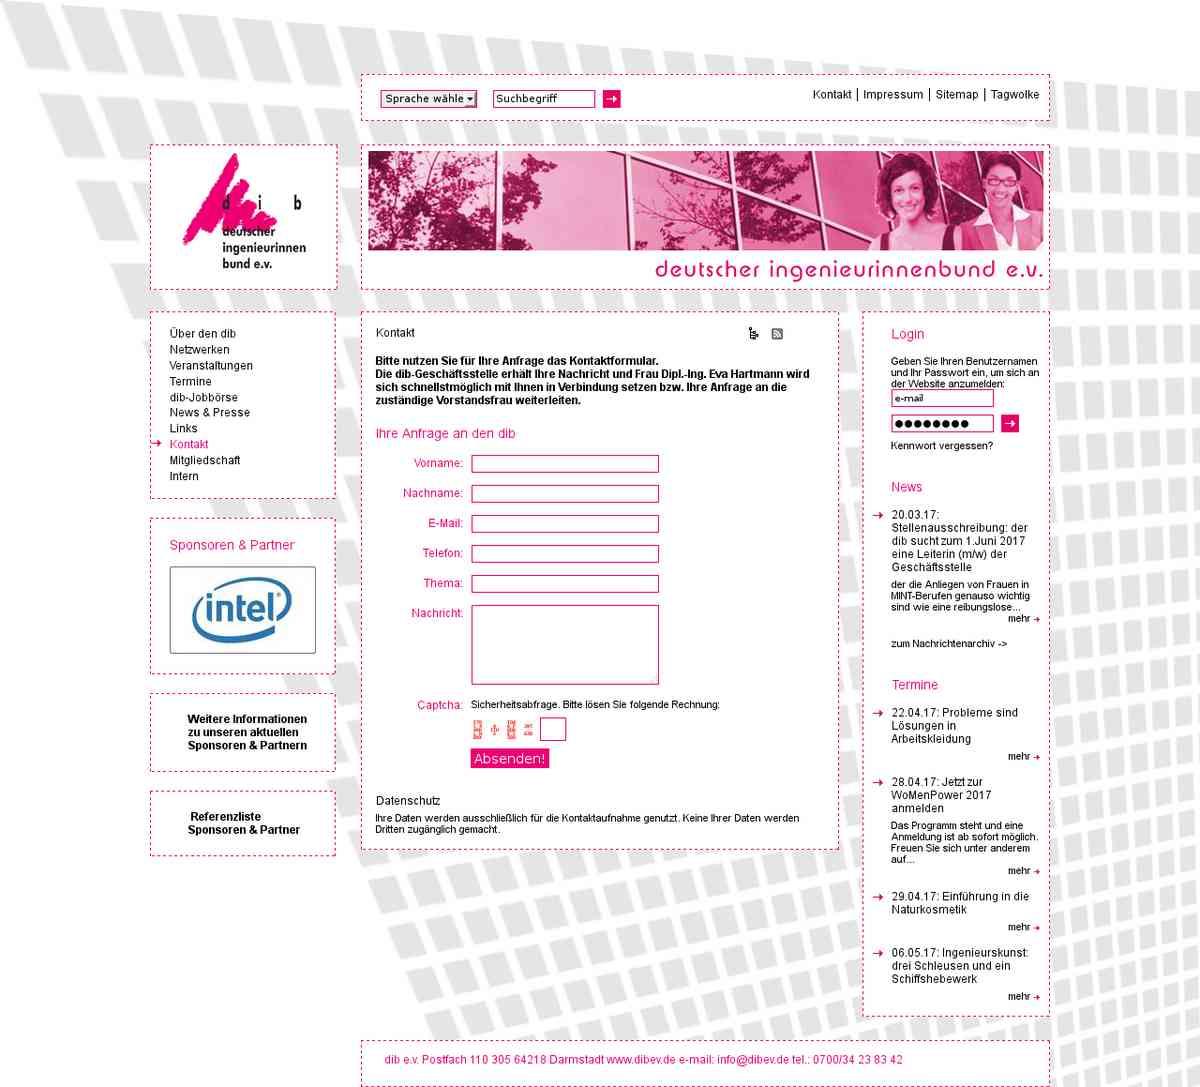 Kontakt deutscher ingenieurinnenbund